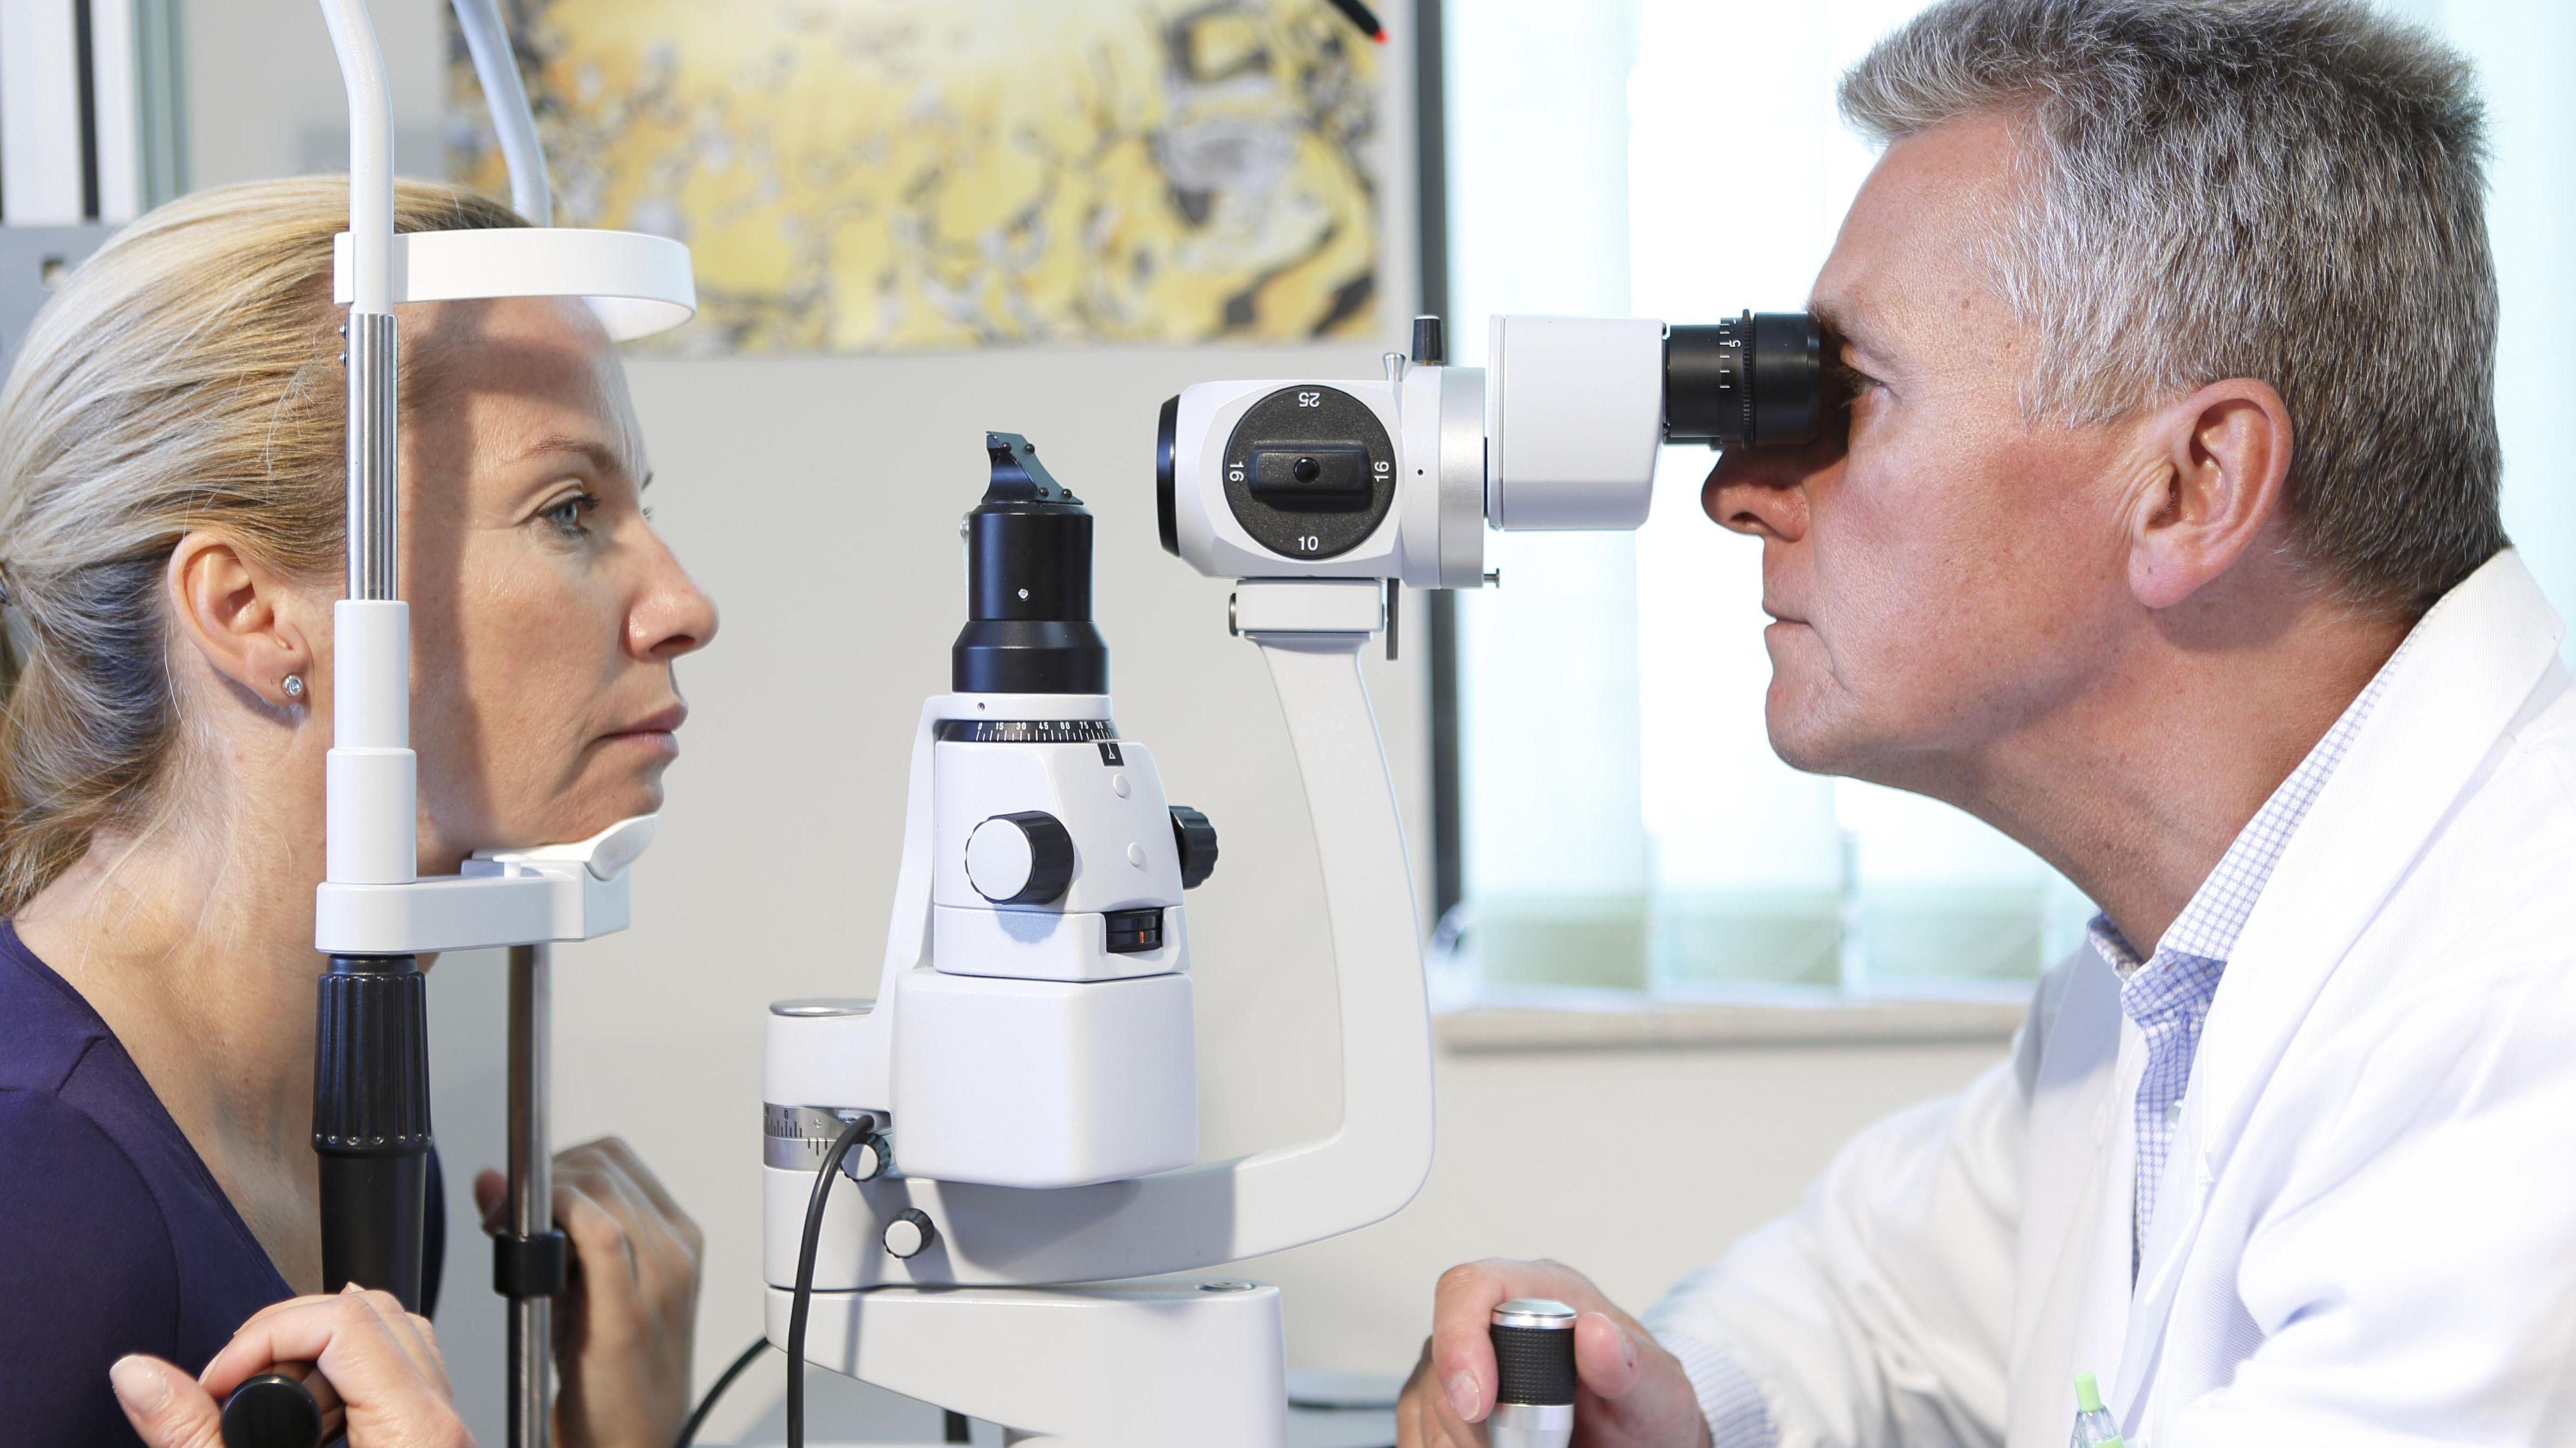 Untersuchung beim Augenarzt (Symbolbild)